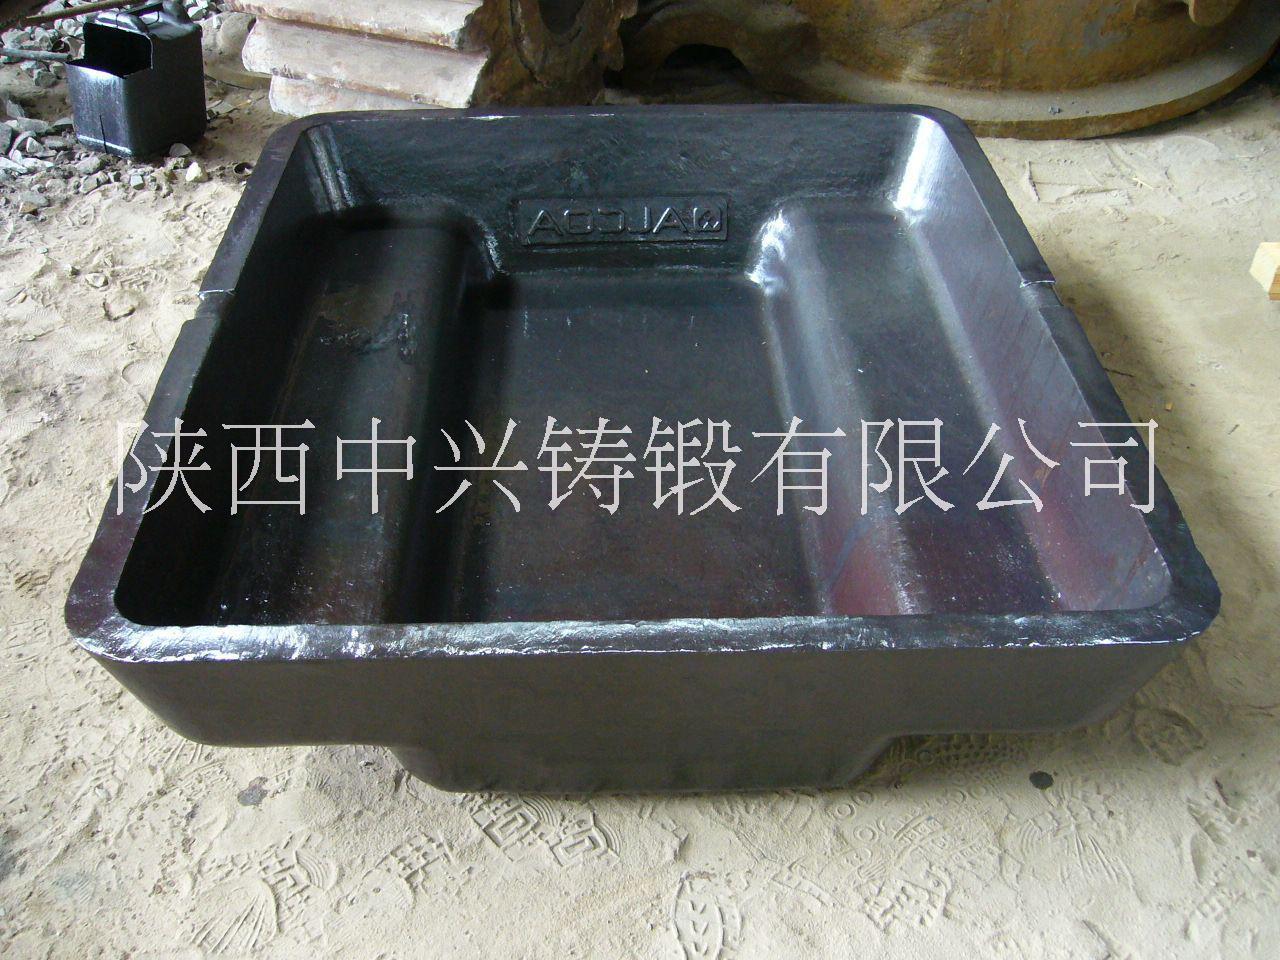 负压铸造铝锭模具 优质铝锭模 高质量铝锭模 负压铸造 LP1500铝锭模